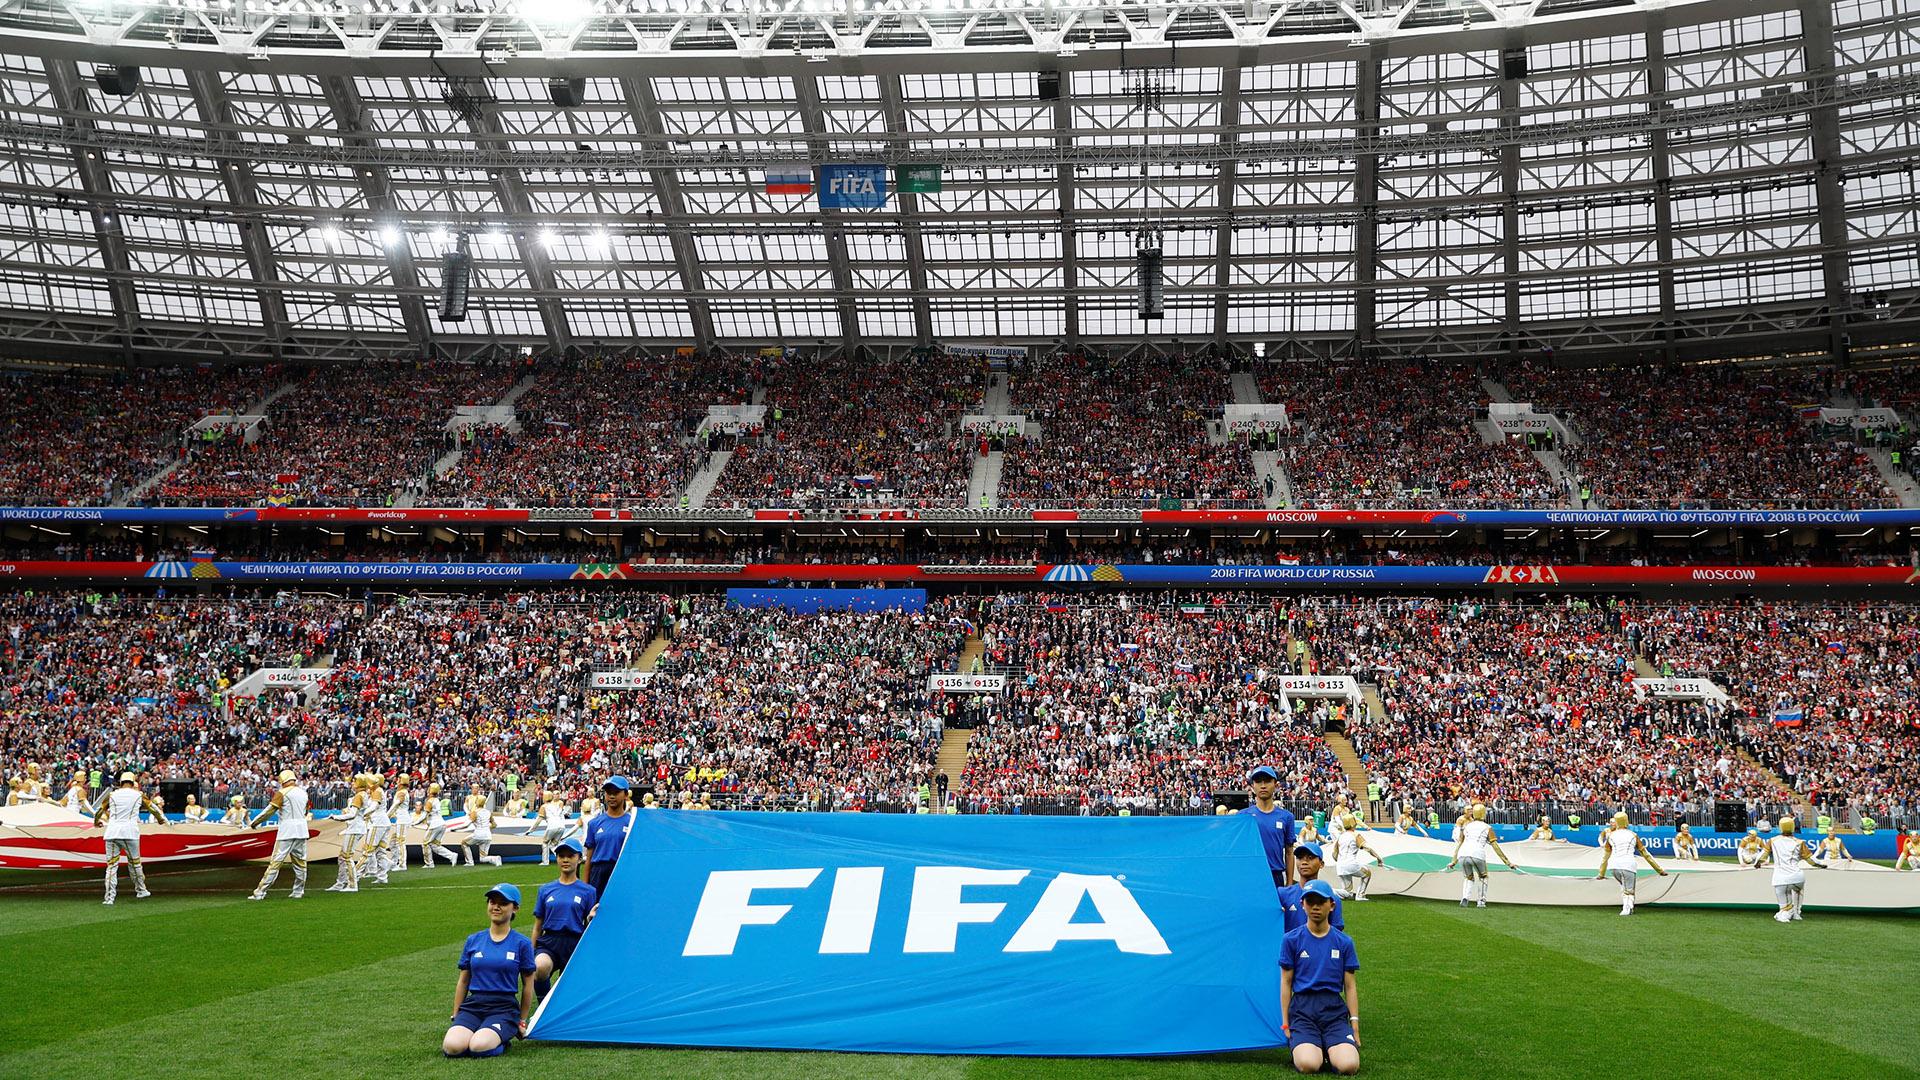 La producción del espectáculo estuvo a cargo del canal de televisión ruso Channel One y fue dirigido por Felix Mikhailov, la mente creativa quedirigió las principales ceremonias celebradas durante todo el trayecto de la Copa Mundial de la FIFA 2018 (REUTERS/Kai Pfaffenbach)